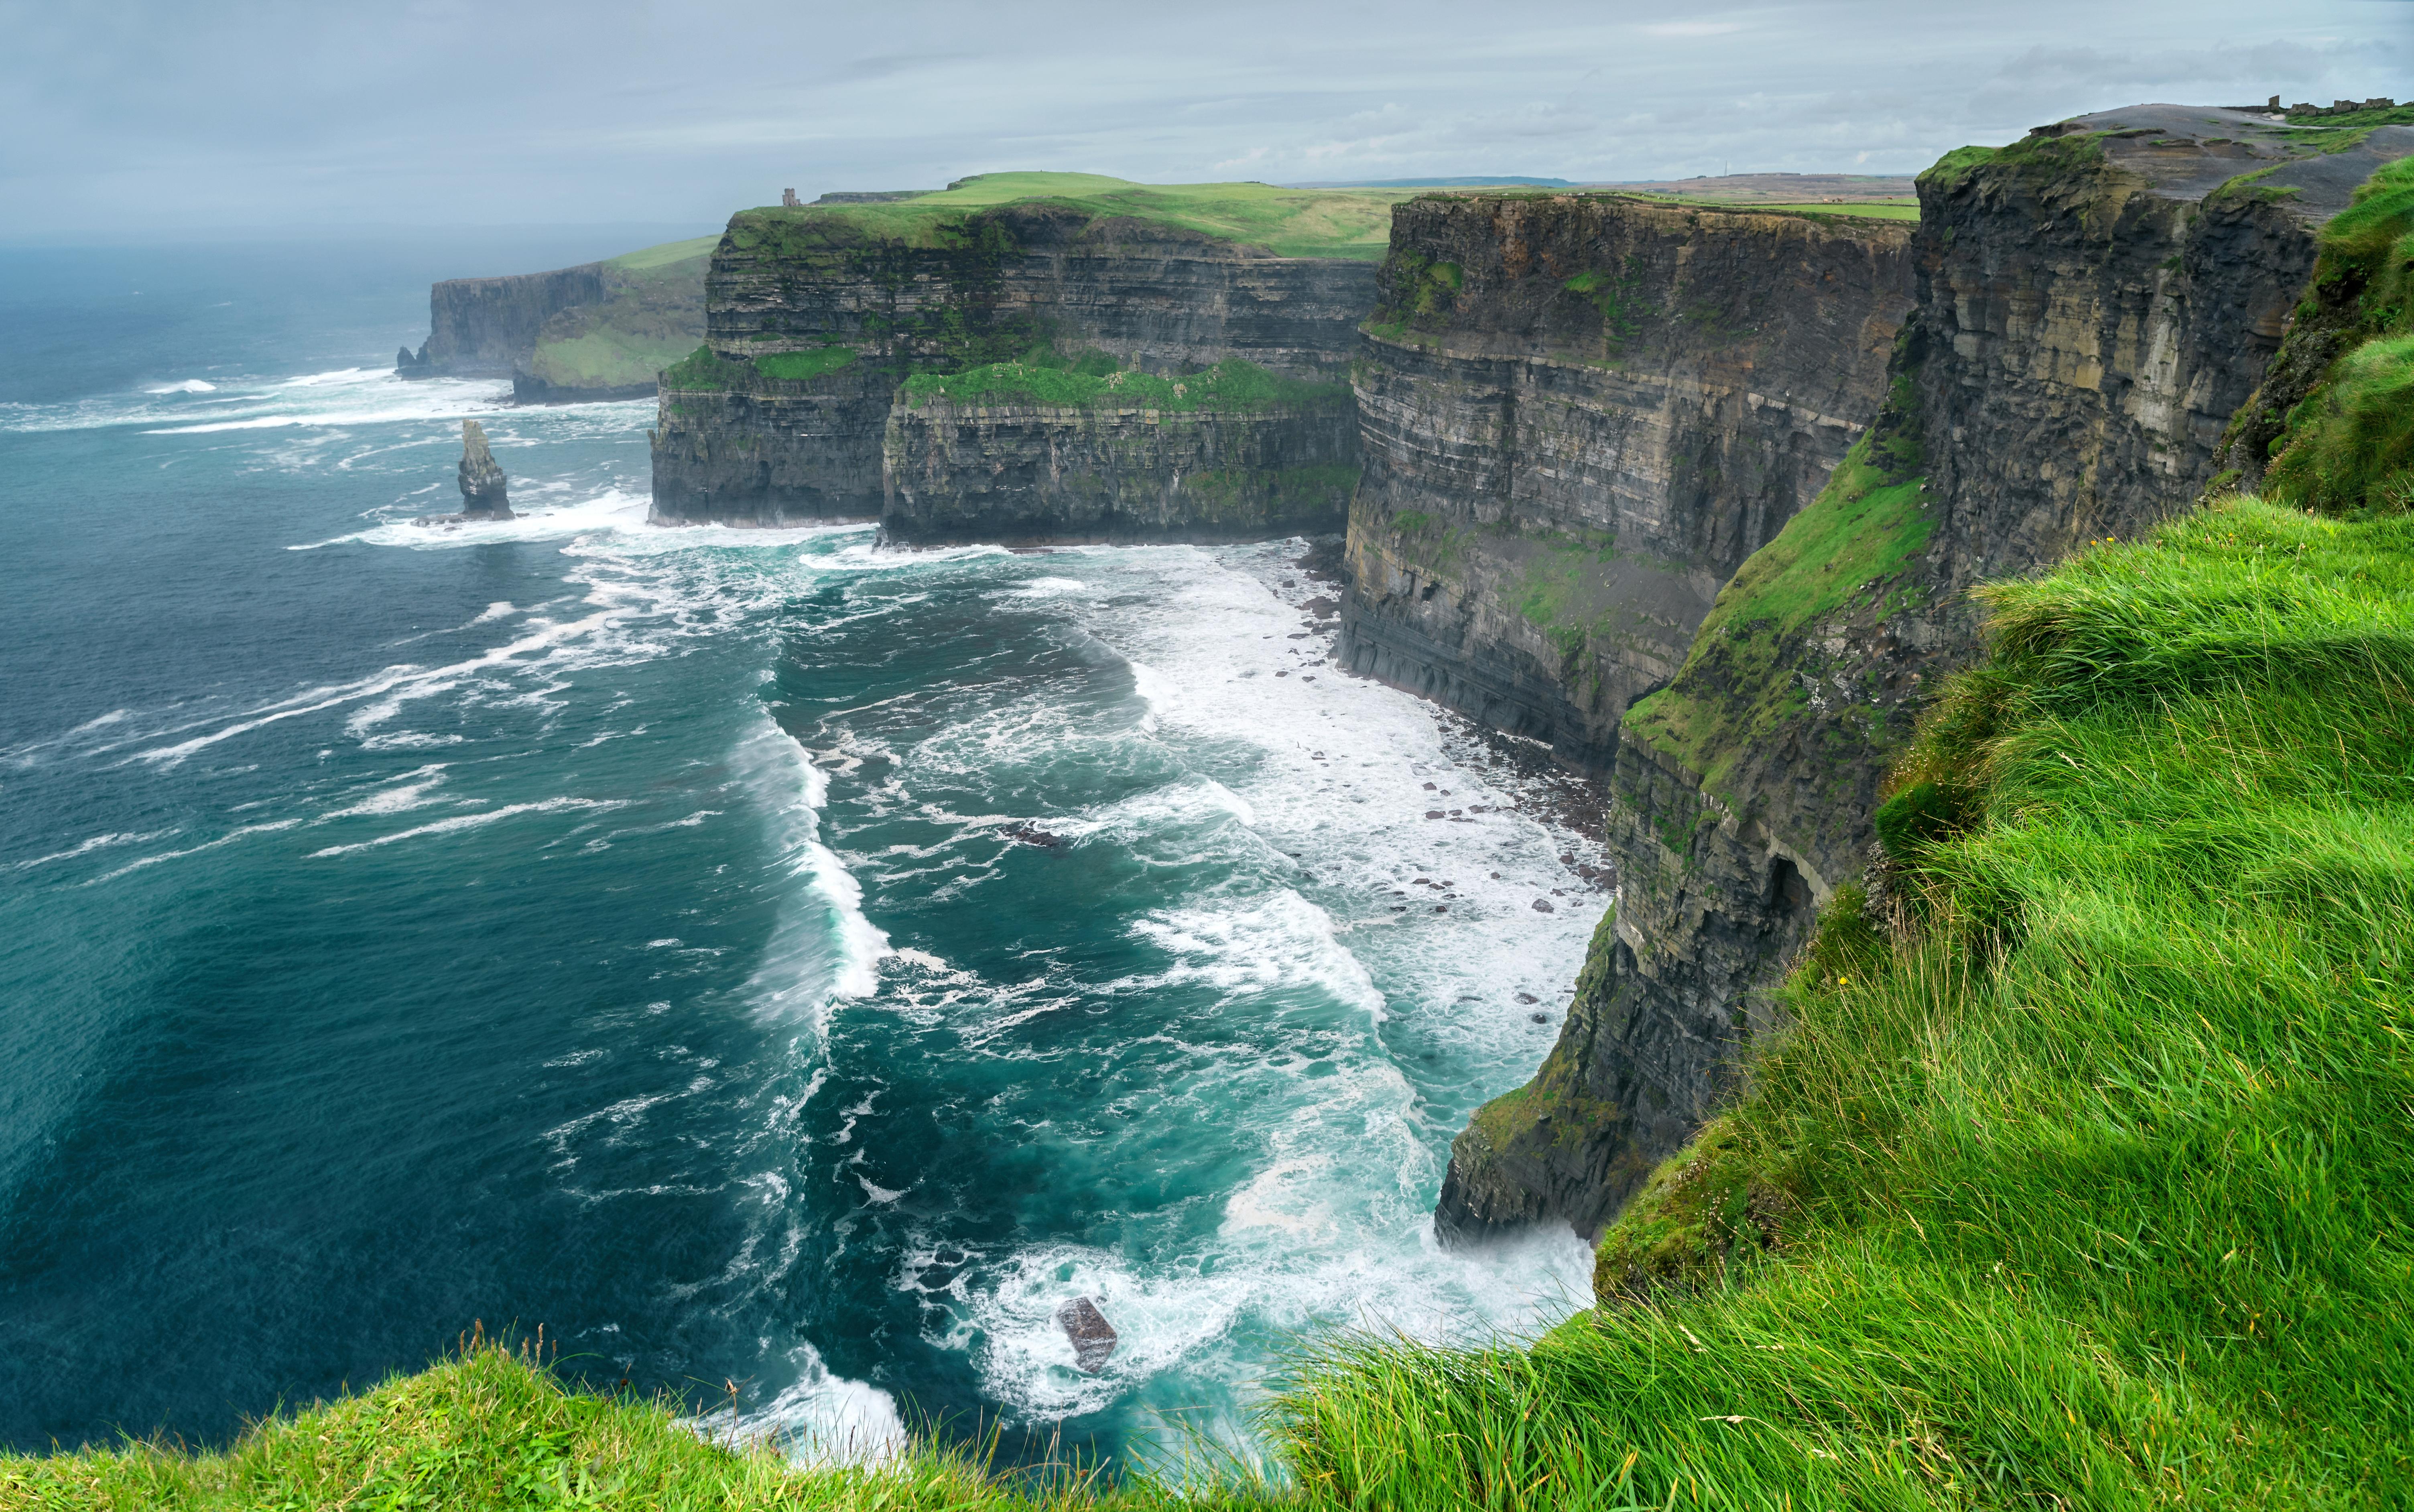 Скалы Мохер в Ирландии, куда можно переехать из стран СНГ